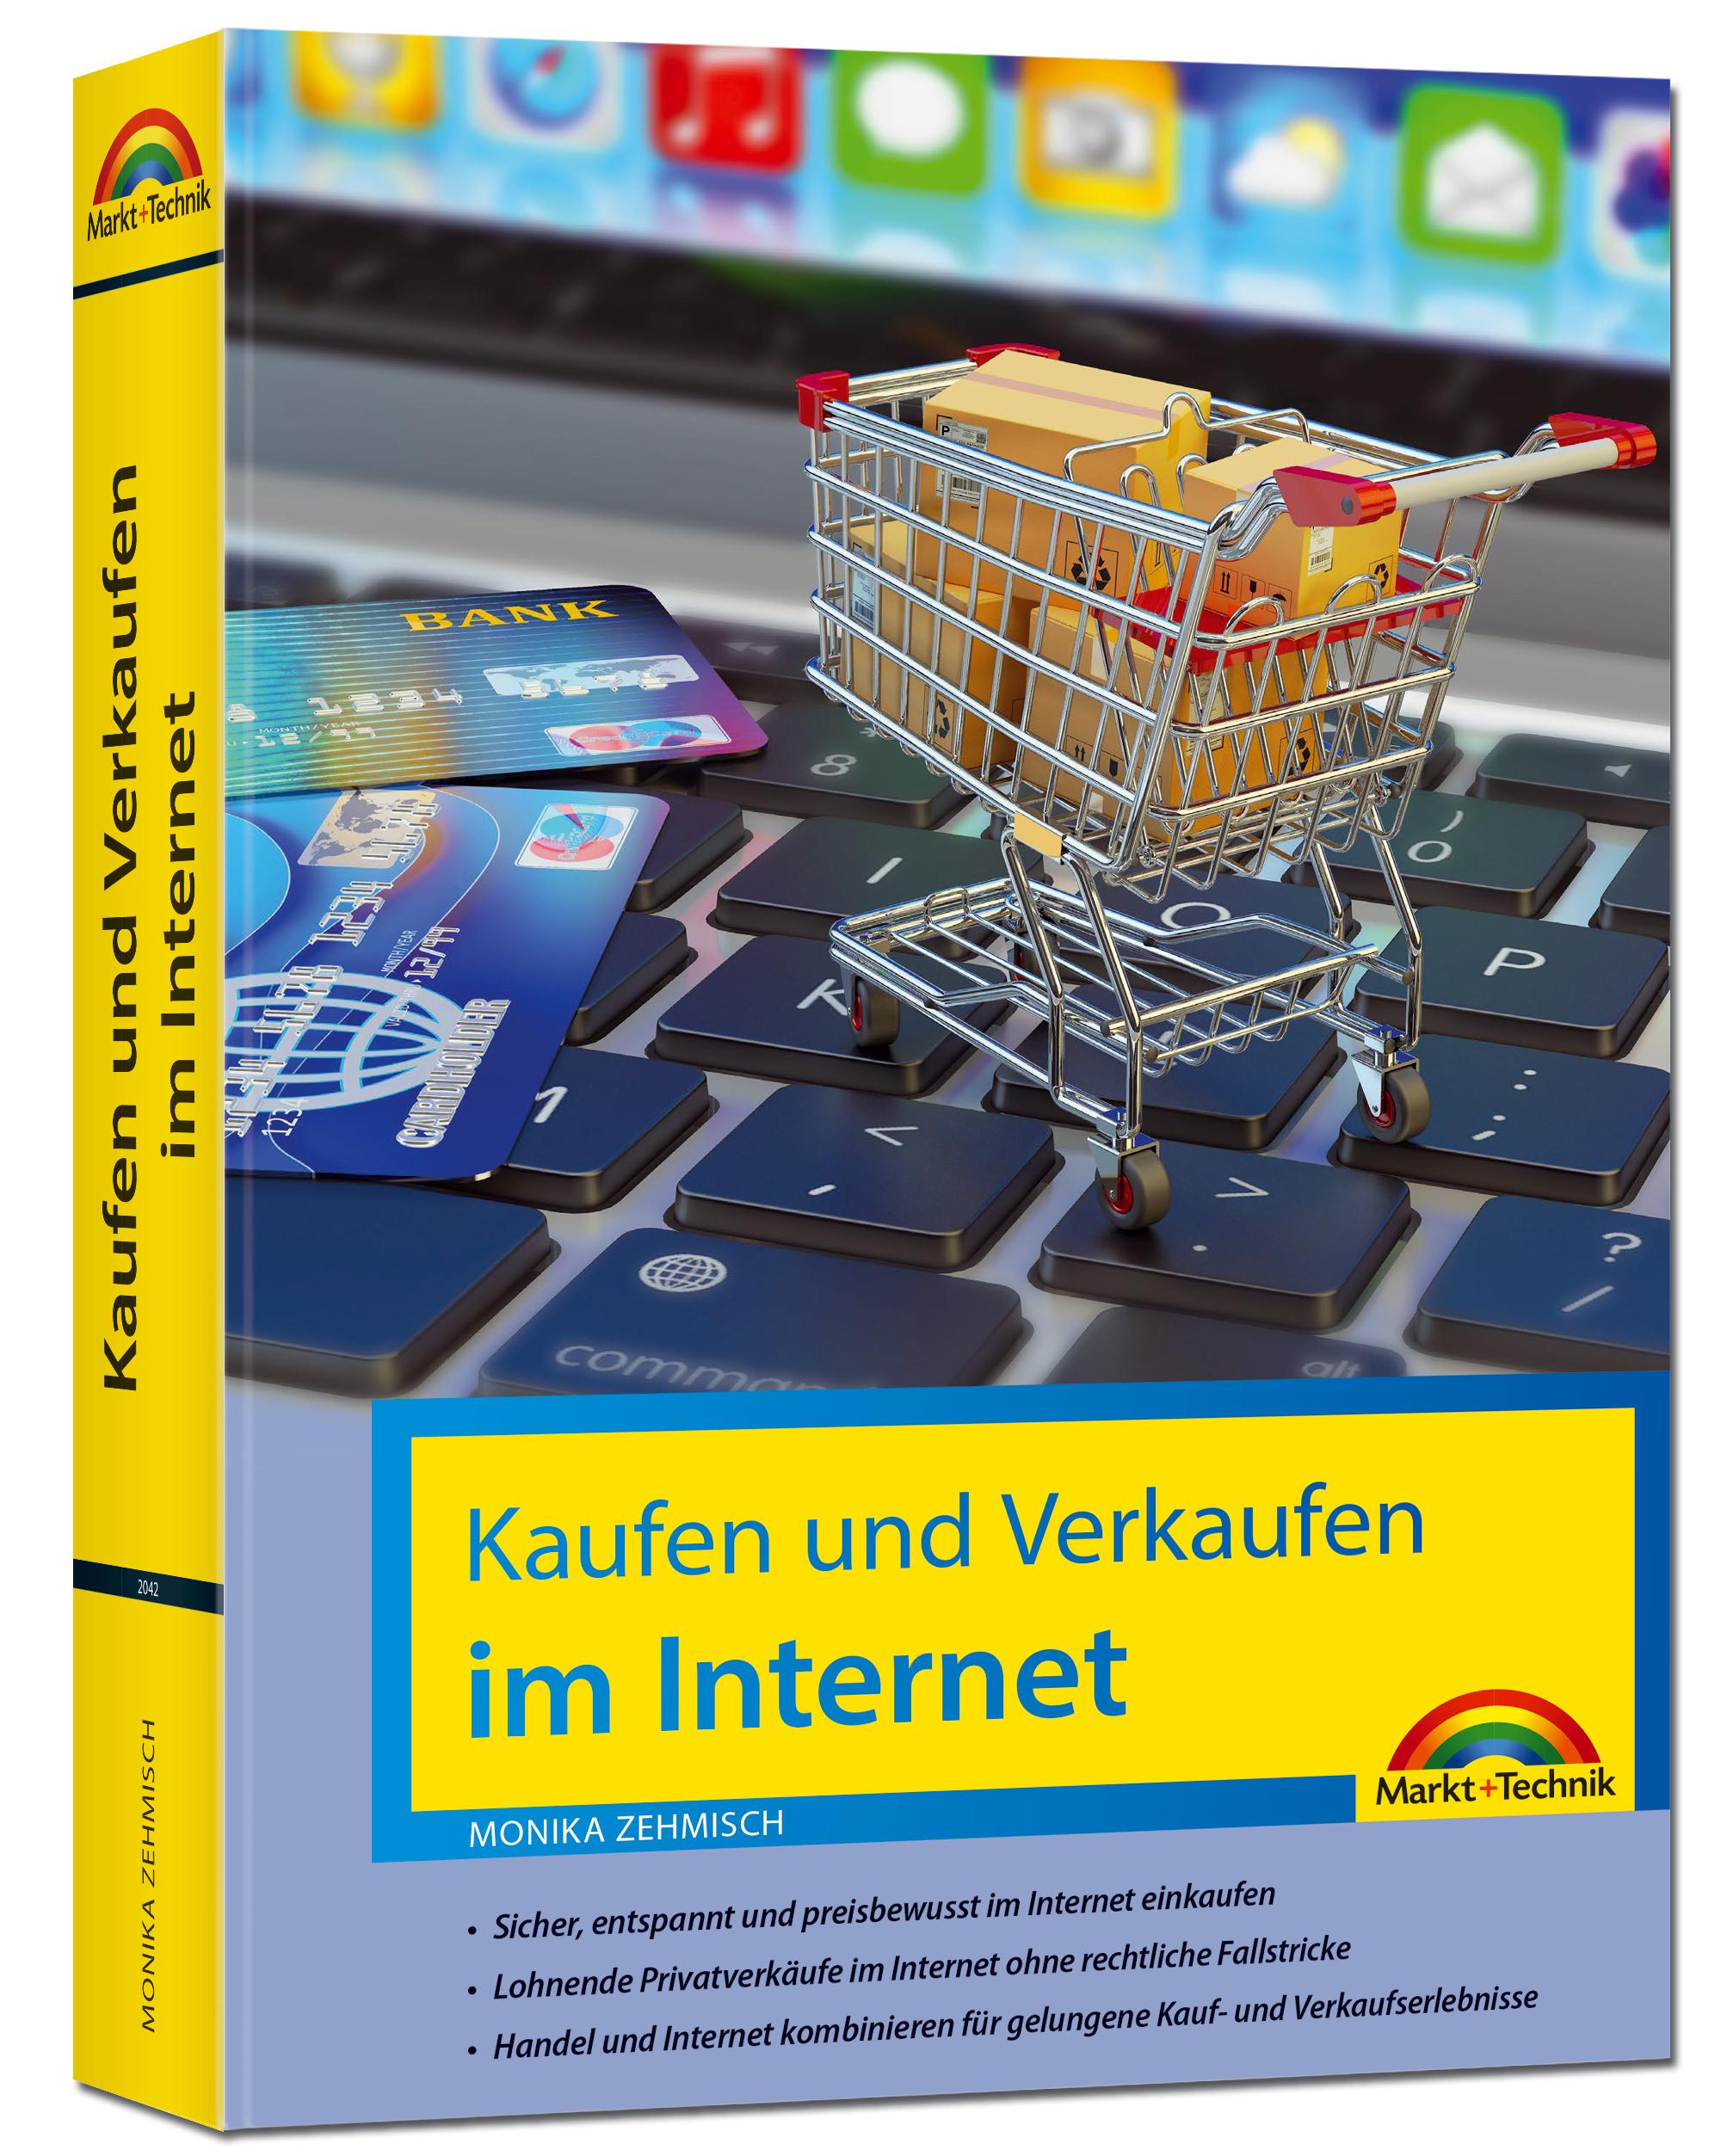 NEU Kaufen und Verkaufen im Internet Monika Zehmisch 820424